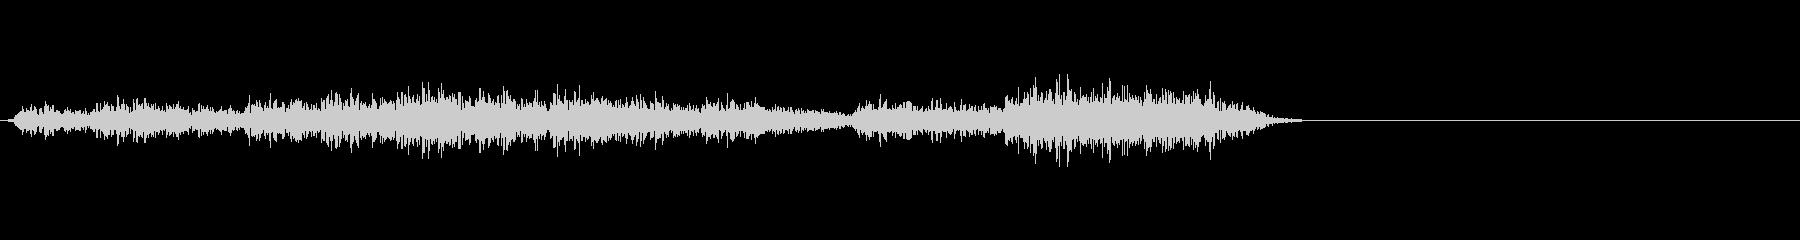 魔法 雷系などに適した効果音の未再生の波形